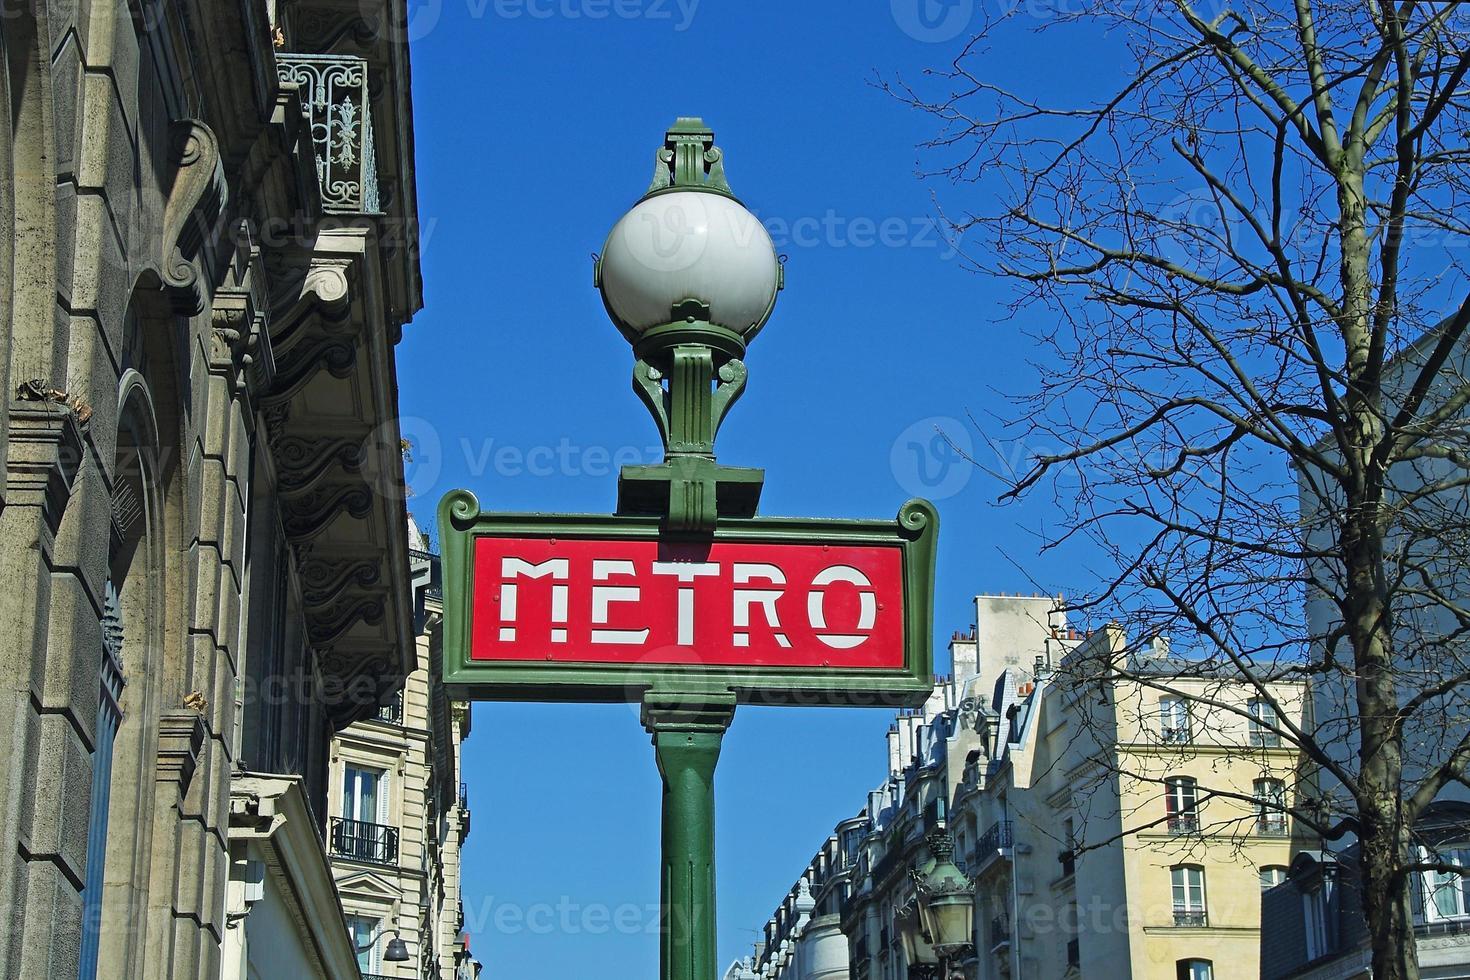 U-Bahn-Schild in der Pariser Straße (Nahaufnahme) foto